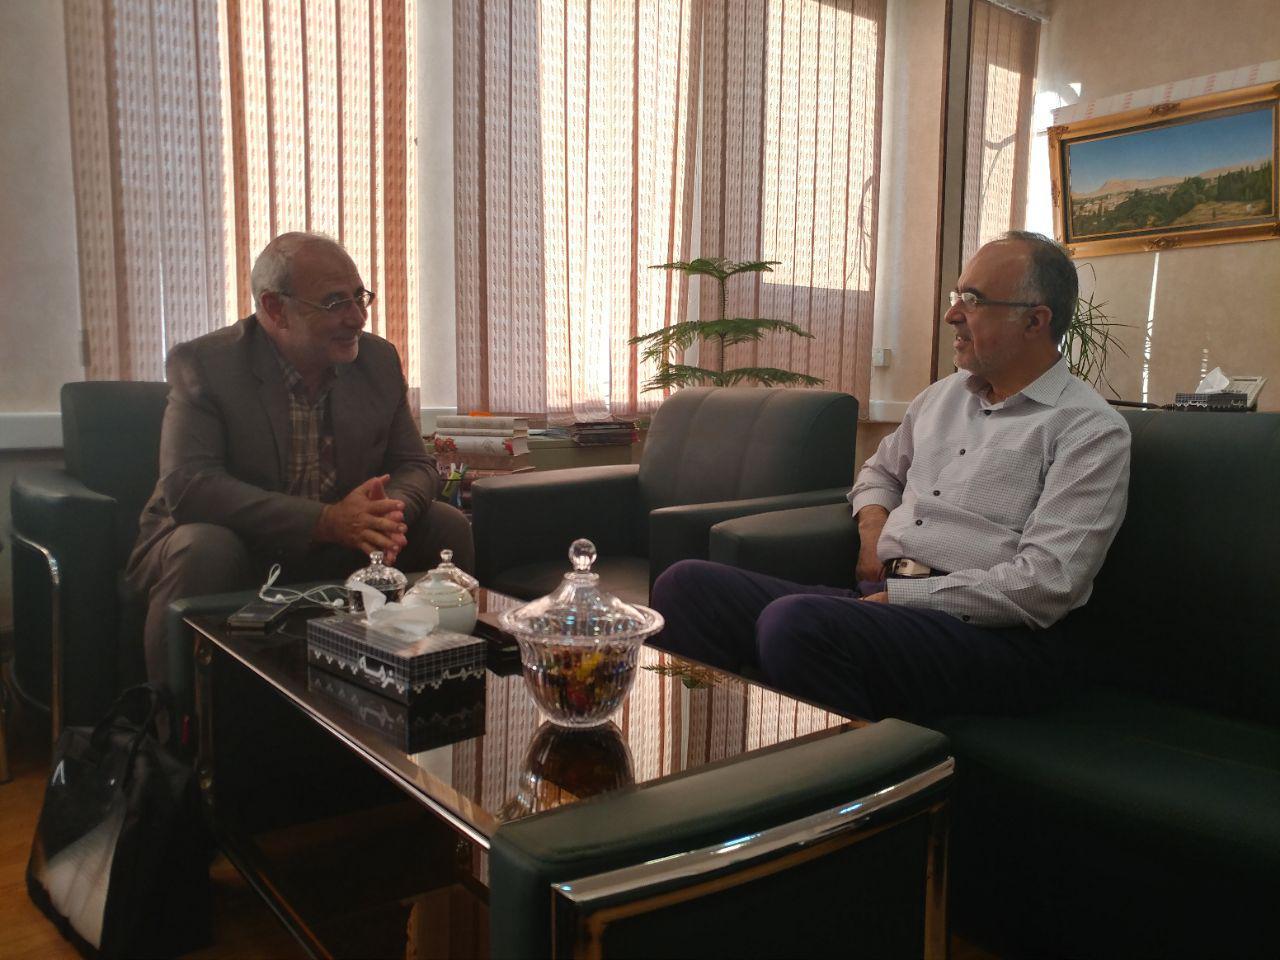 دیدار آقای حاجی با سید هادی حسینی معاون وزیر فرهنگ و ارشاد اسلامی